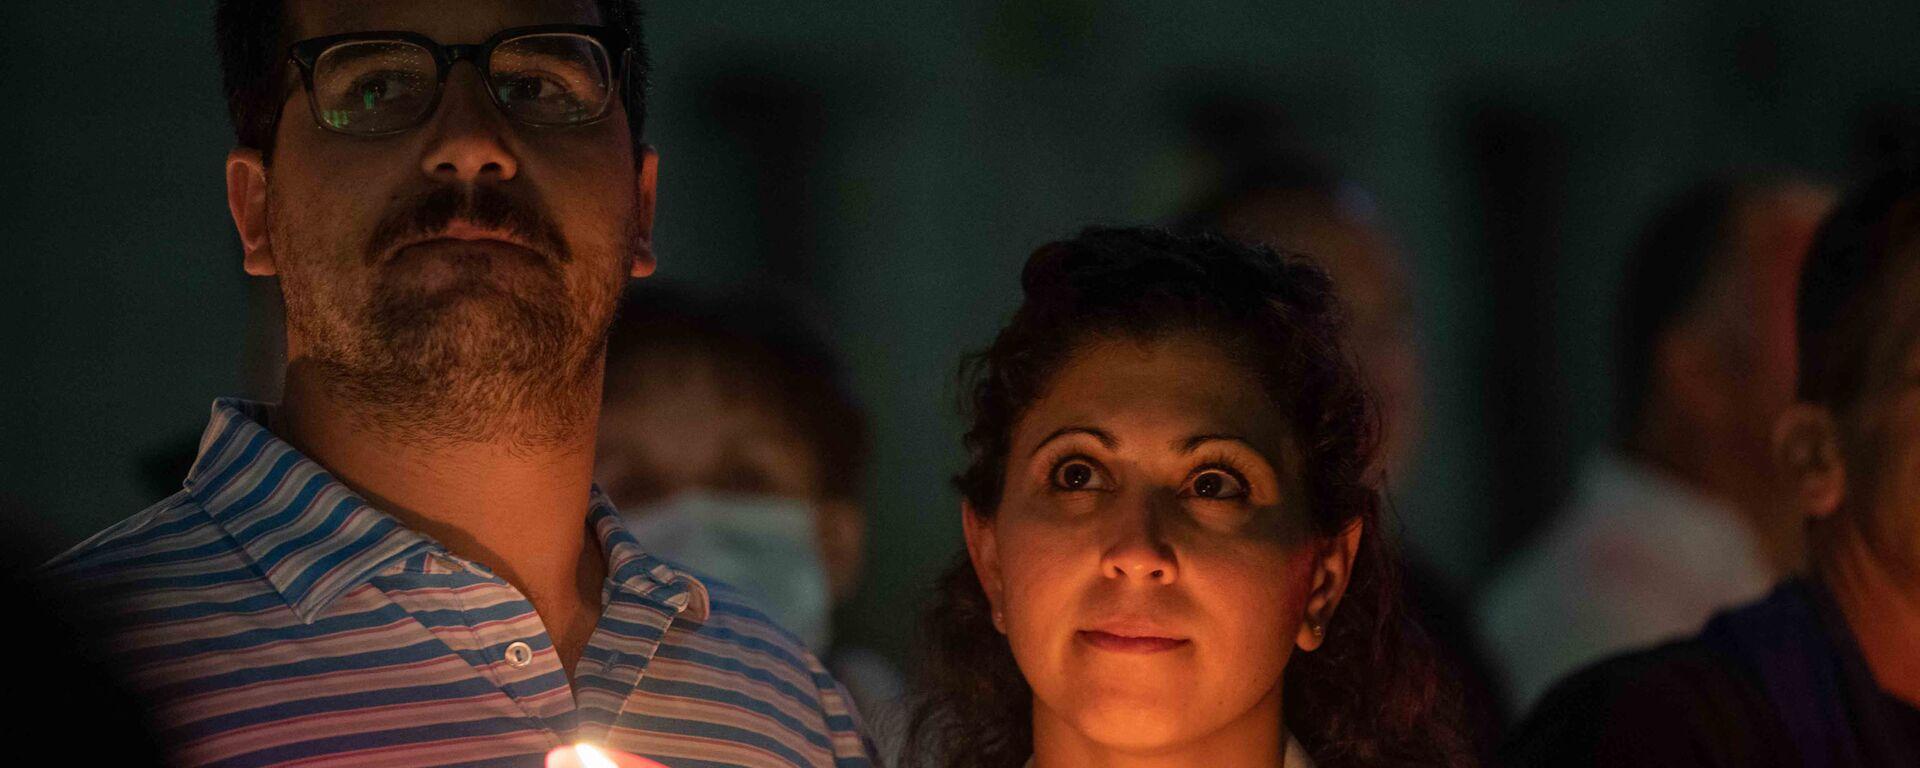 Пара держит зажженные свечи во время религиозной церемонии в память об 11 сентября в Свято-Никольском национальном храме-памятнике при Всемирном торговом центре, Нью-Йорк, США - Sputnik International, 1920, 11.09.2021